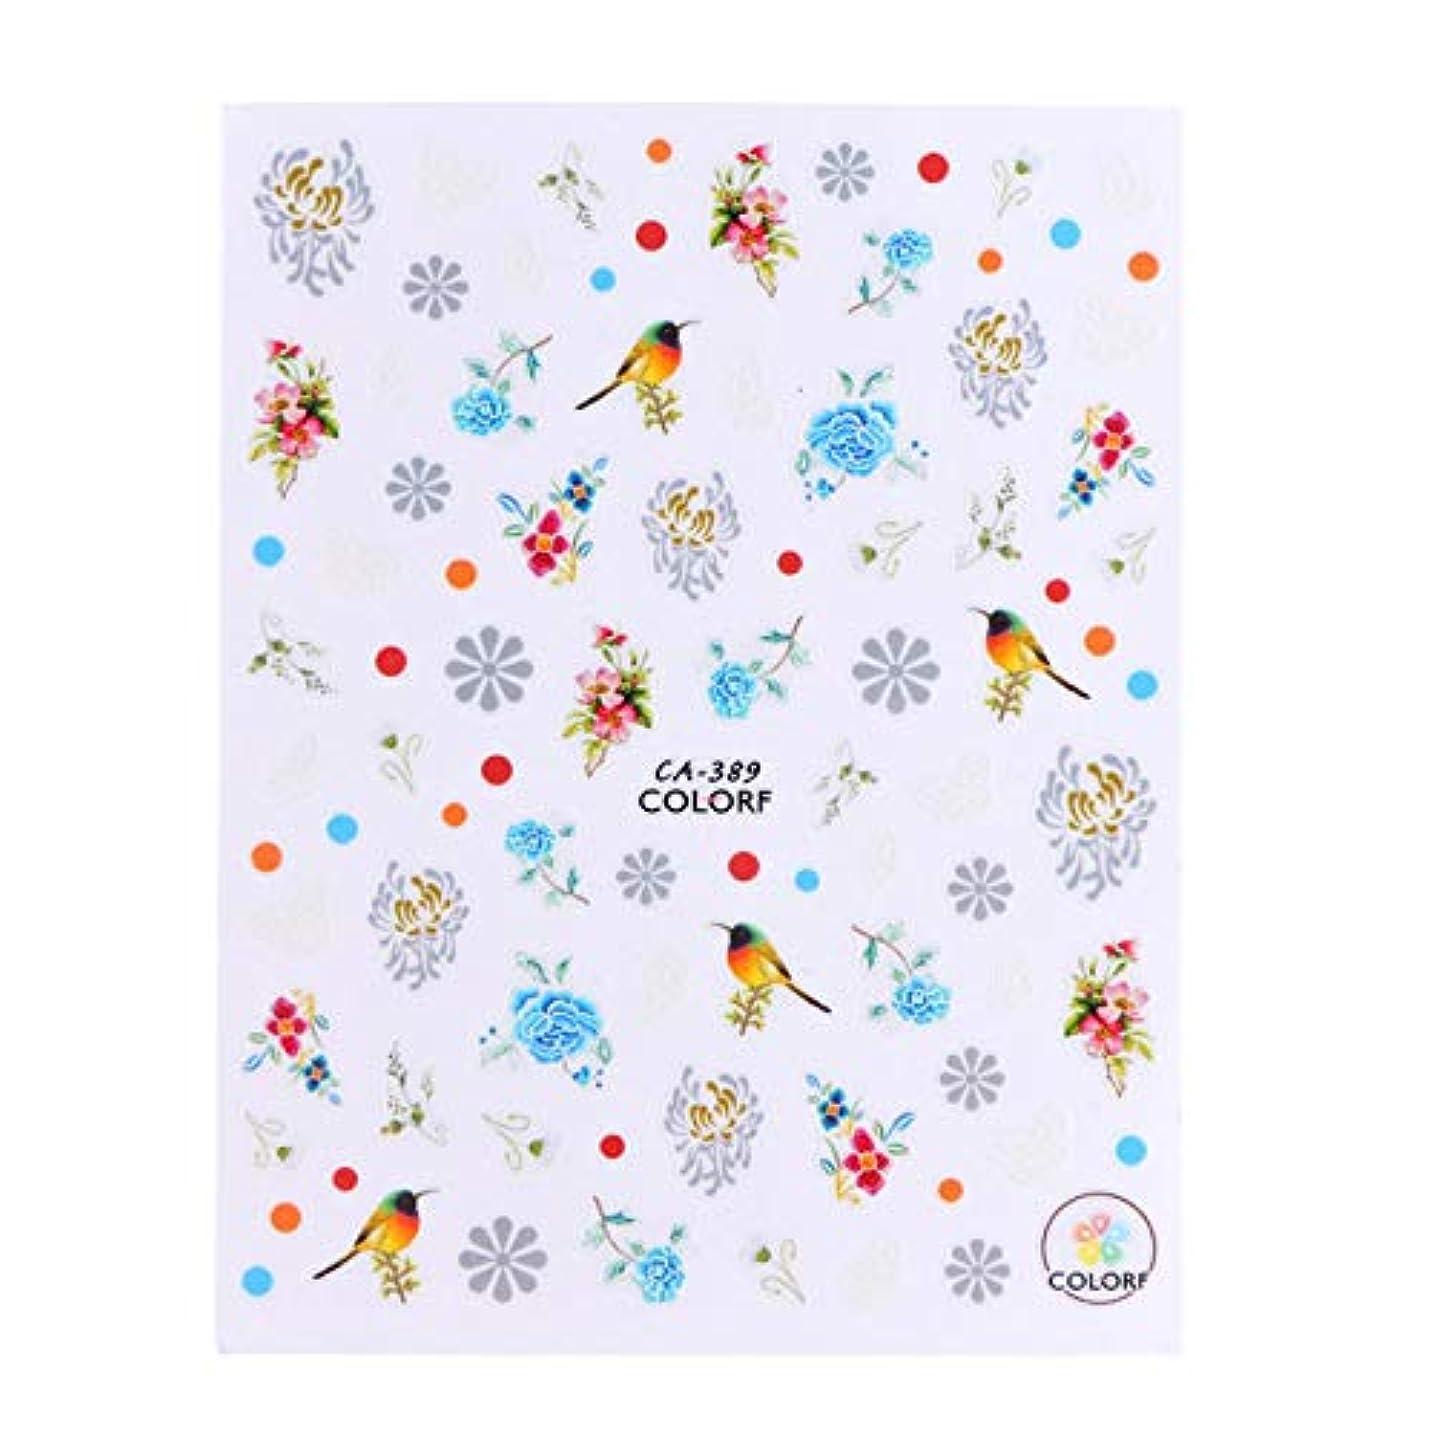 引き渡す費用音節SUKTI&XIAO ネイルステッカー 1ピースエレガントフラワーネイルステッカー葉粘着ラップネイルアートデカールスライダーチャーム花飾りのヒント